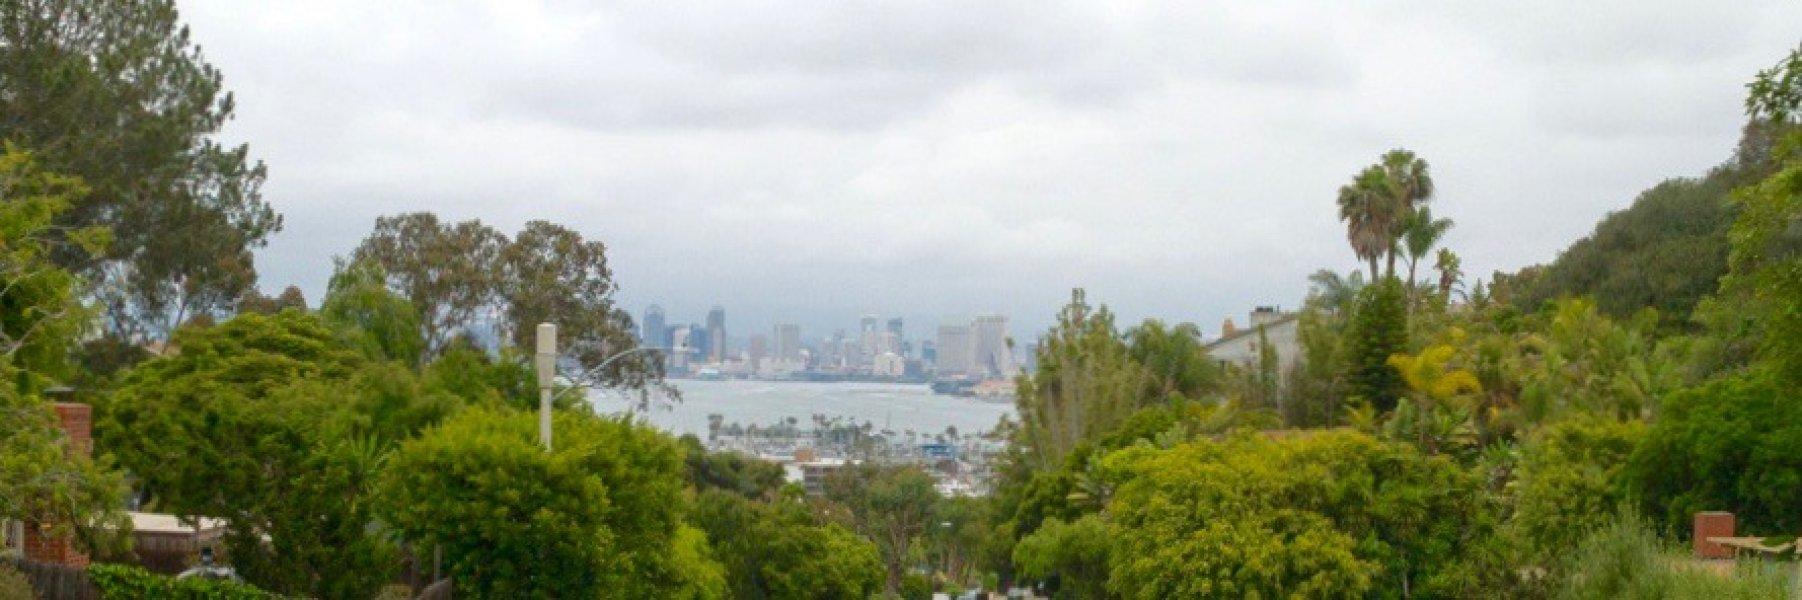 La Playa is a community of homes in San Diego